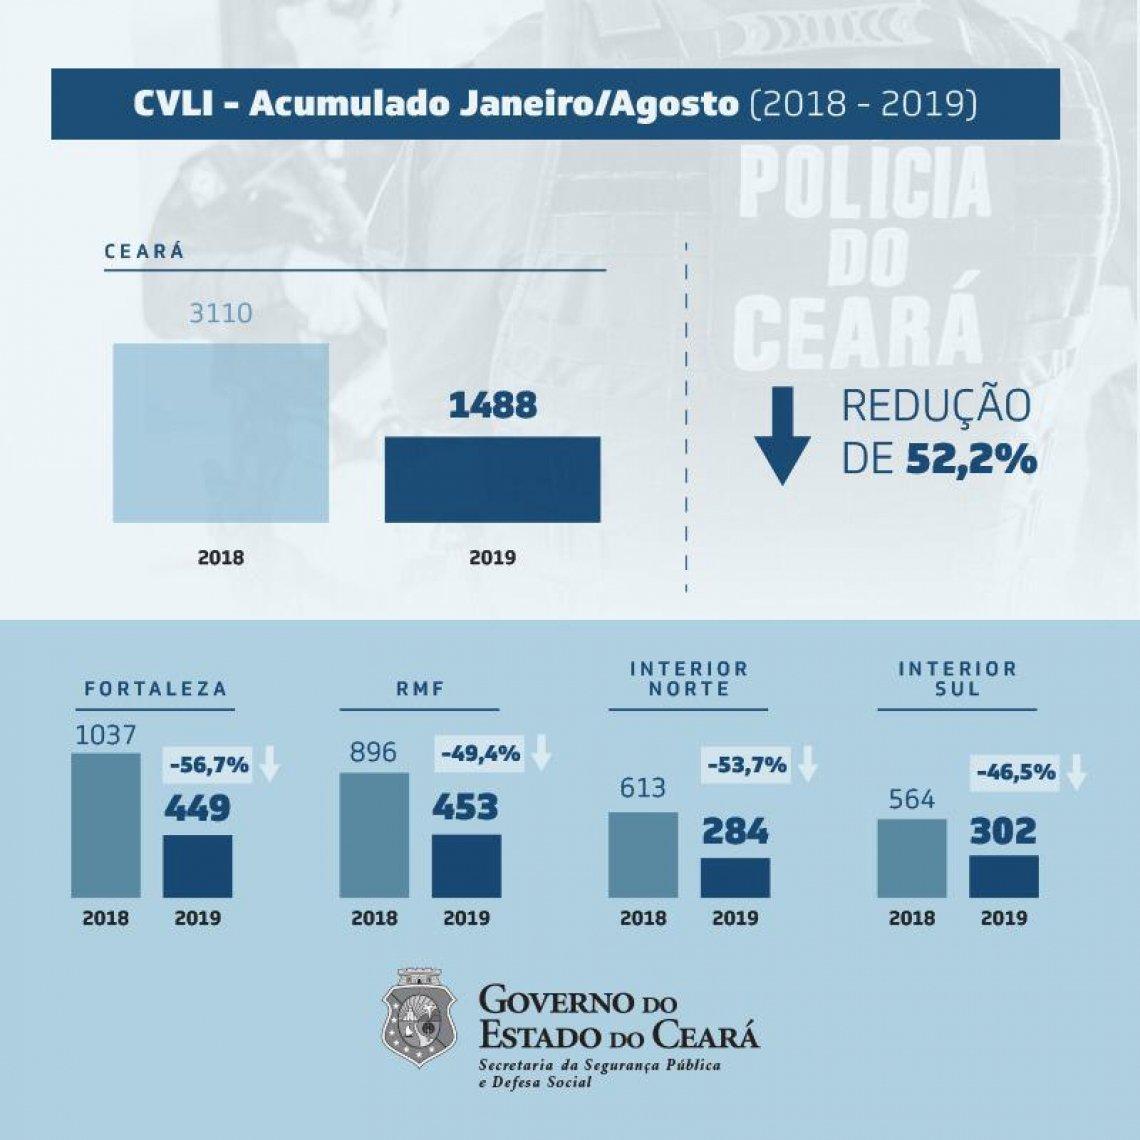 Redução de homicídios